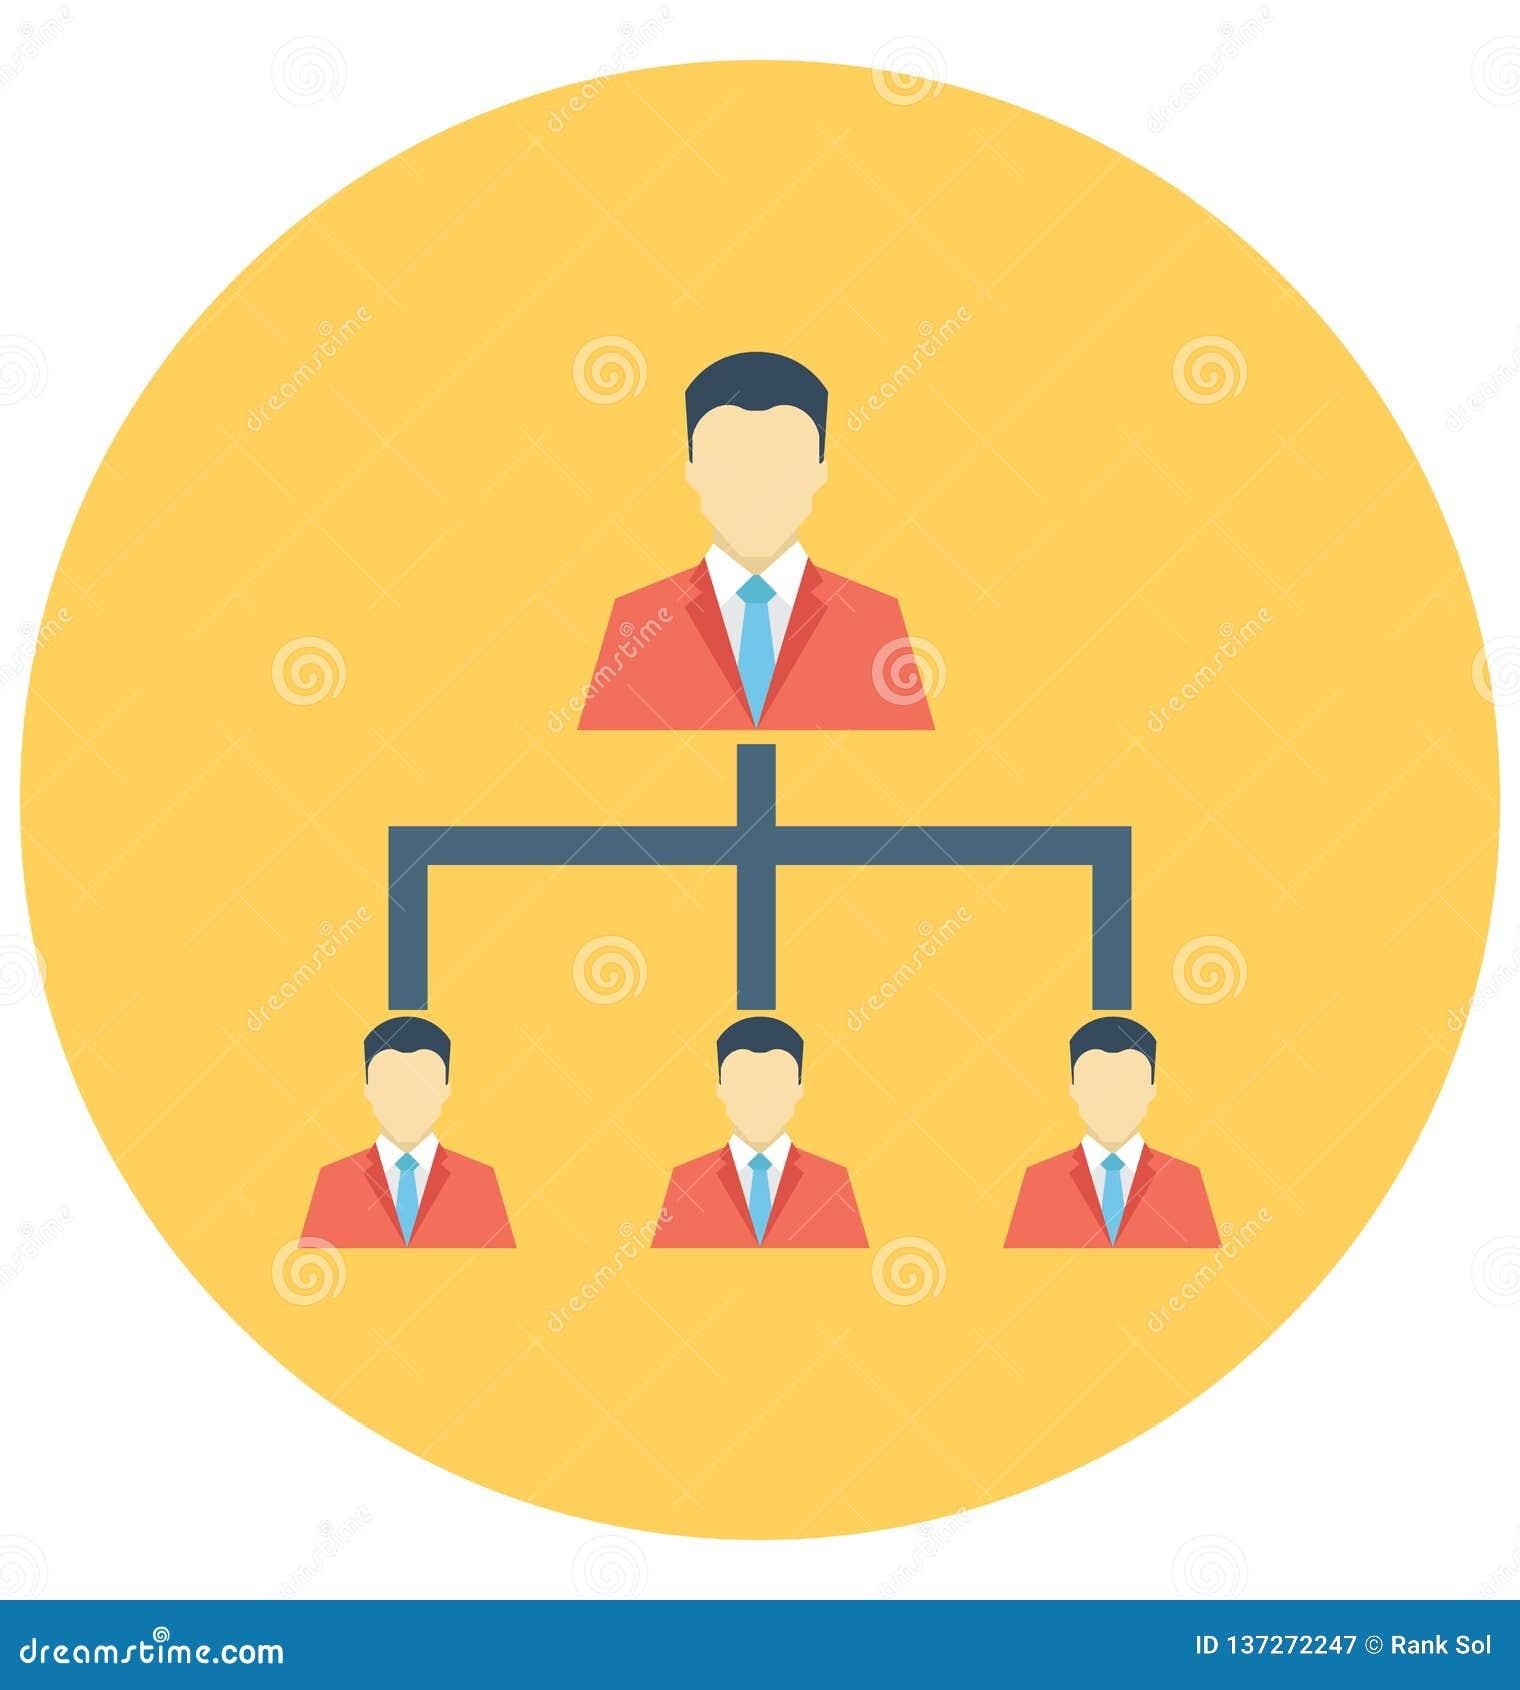 Team Hierarchy, icono de Team Isolated Vector de la compañía que puede ser modificado o corregir fácilmente